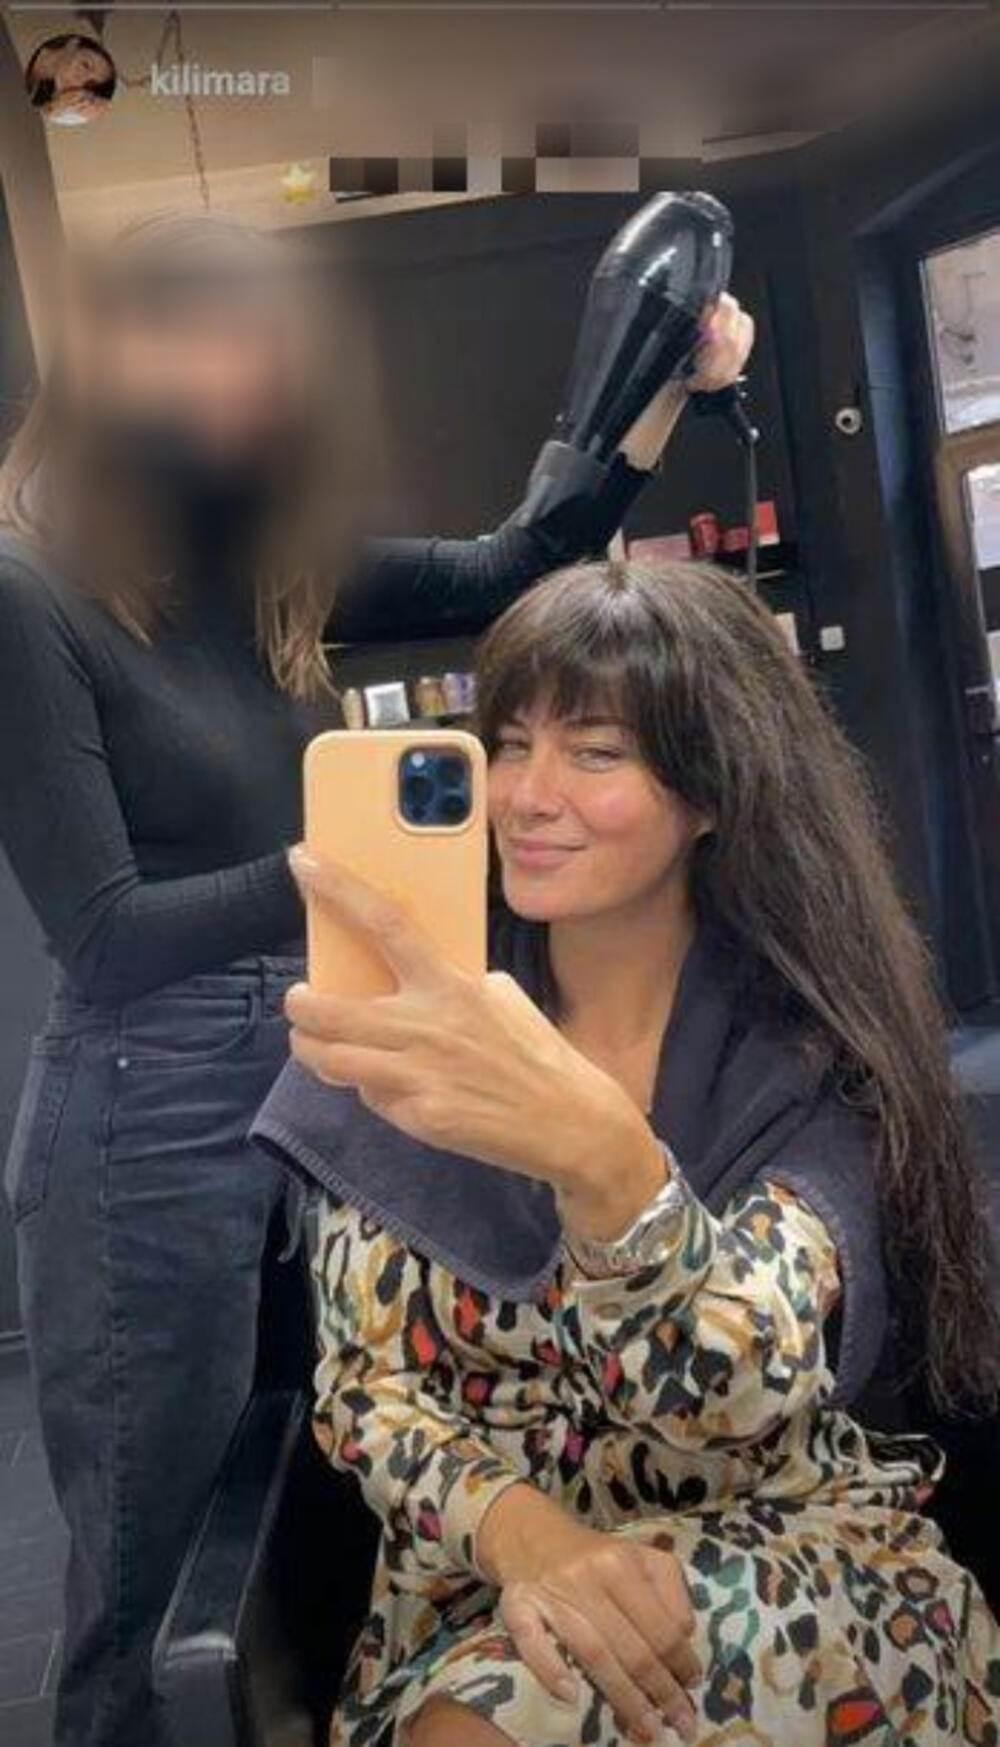 Marija Kilibarda frizura